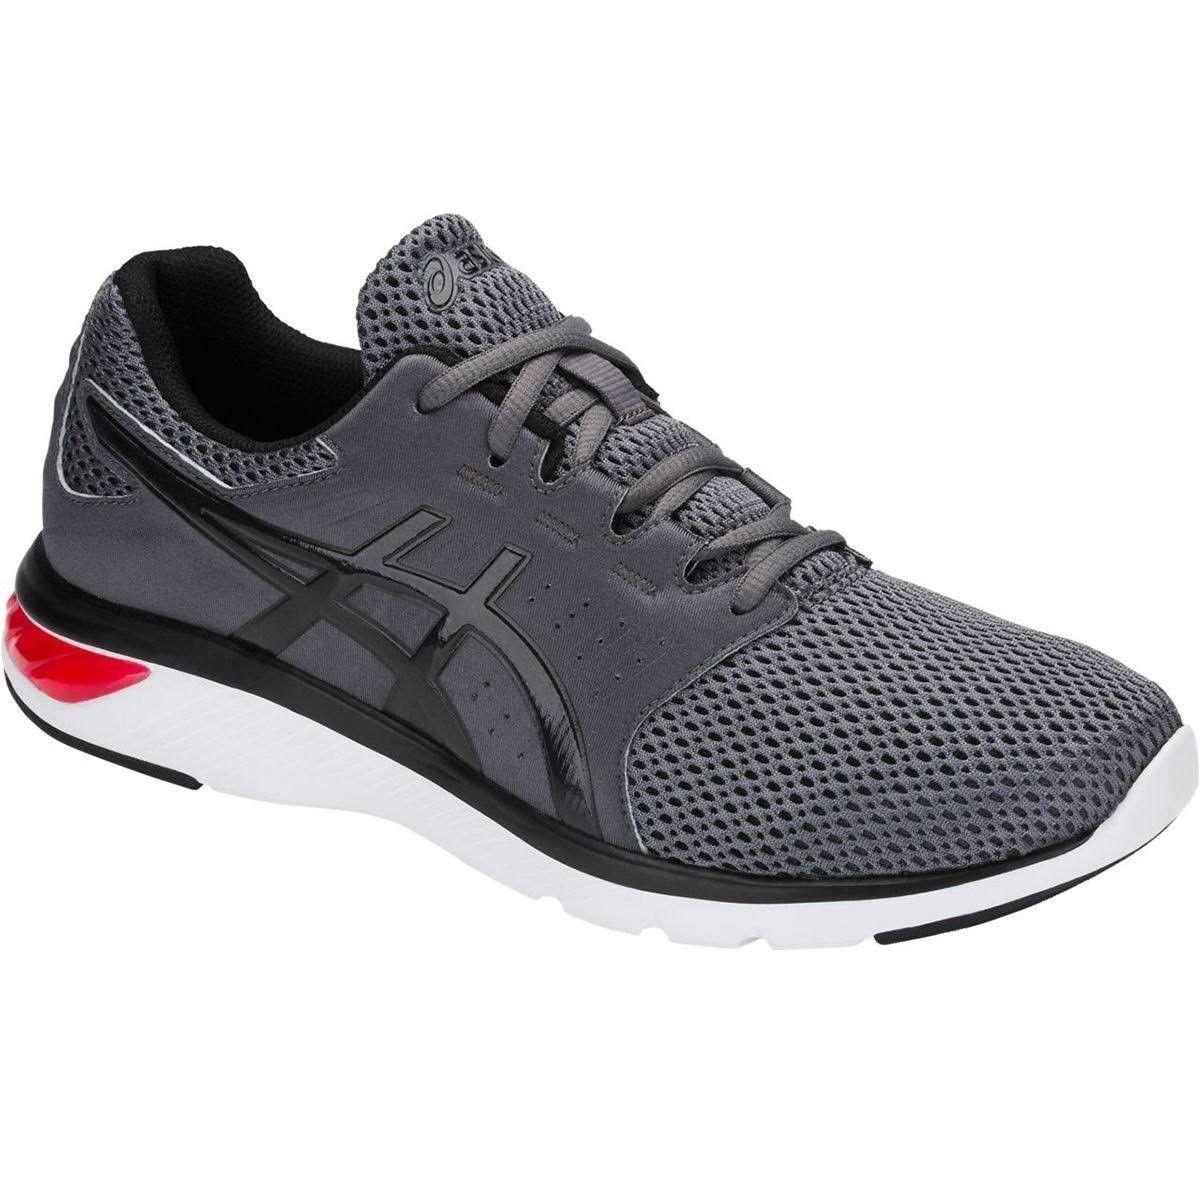 ASICS Mens Gel-Moya Running Sneaker Shoes T481N